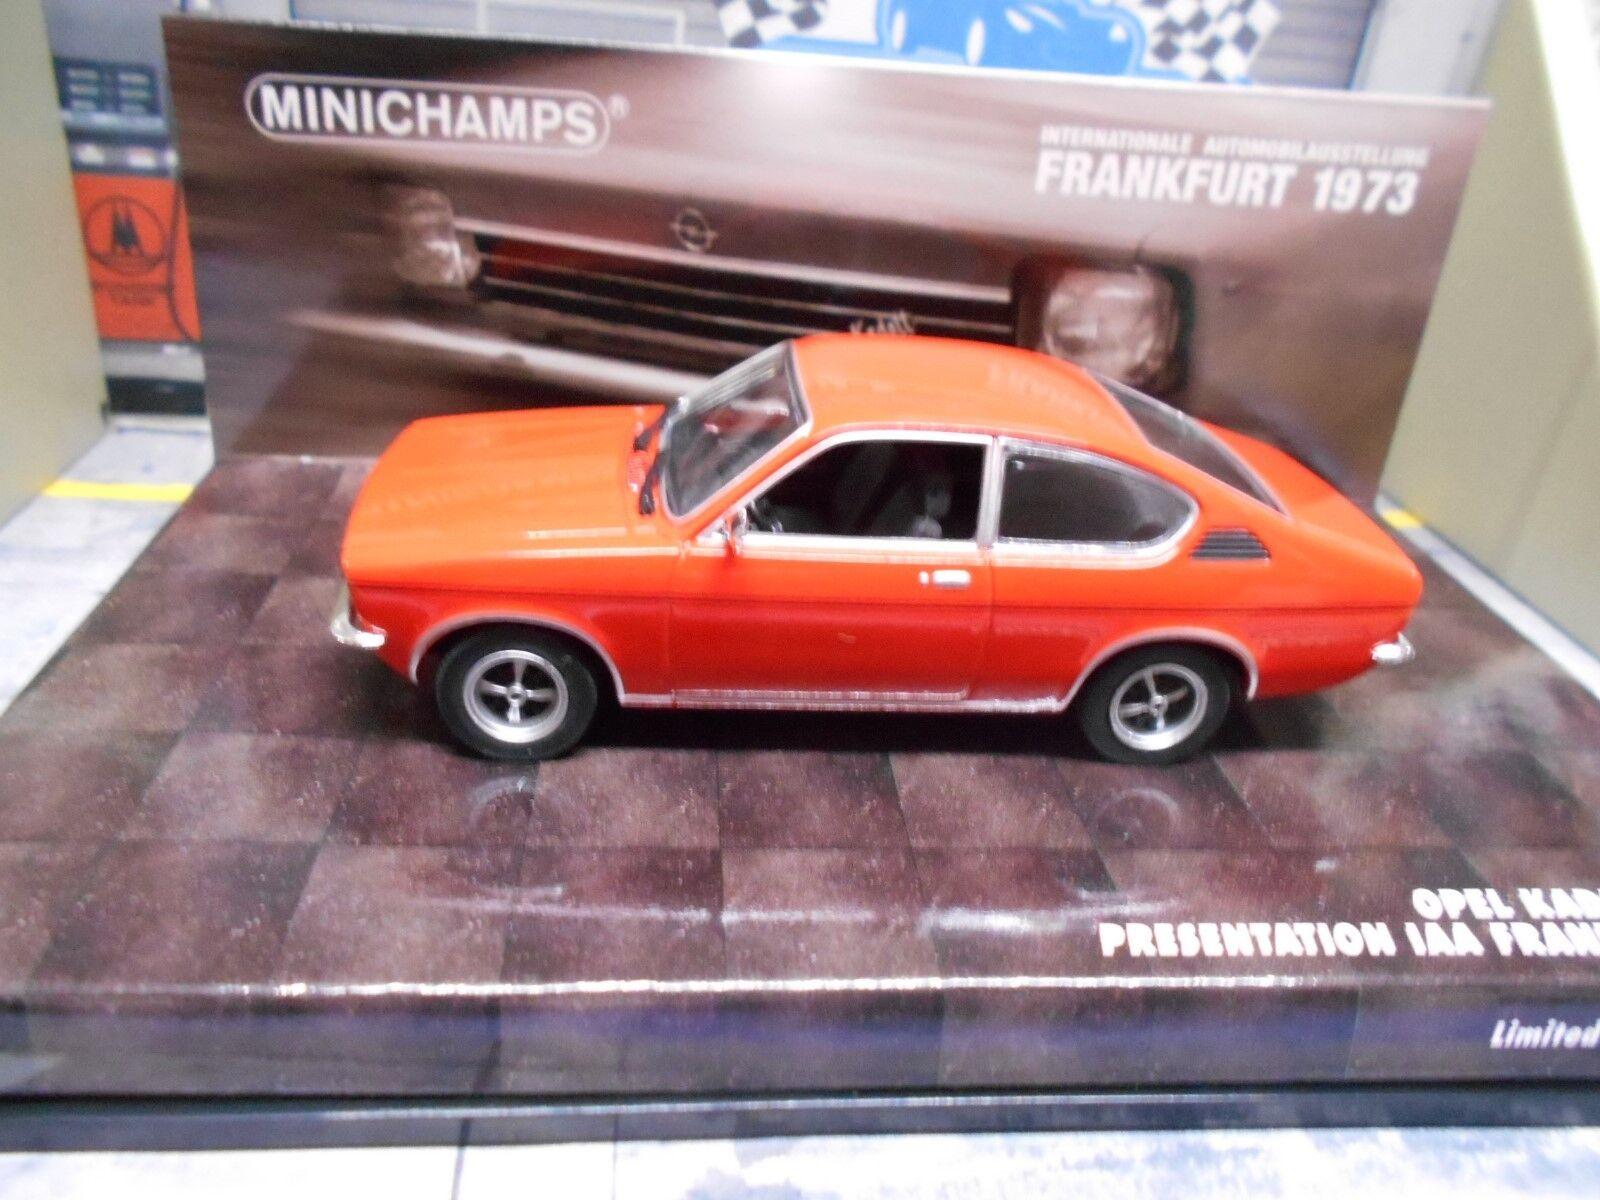 Opel Kadett C C C Coupé Hell Rouge rouge Bit Francfort 1973 présentation MINICHAMPS 1 43 ab23bf